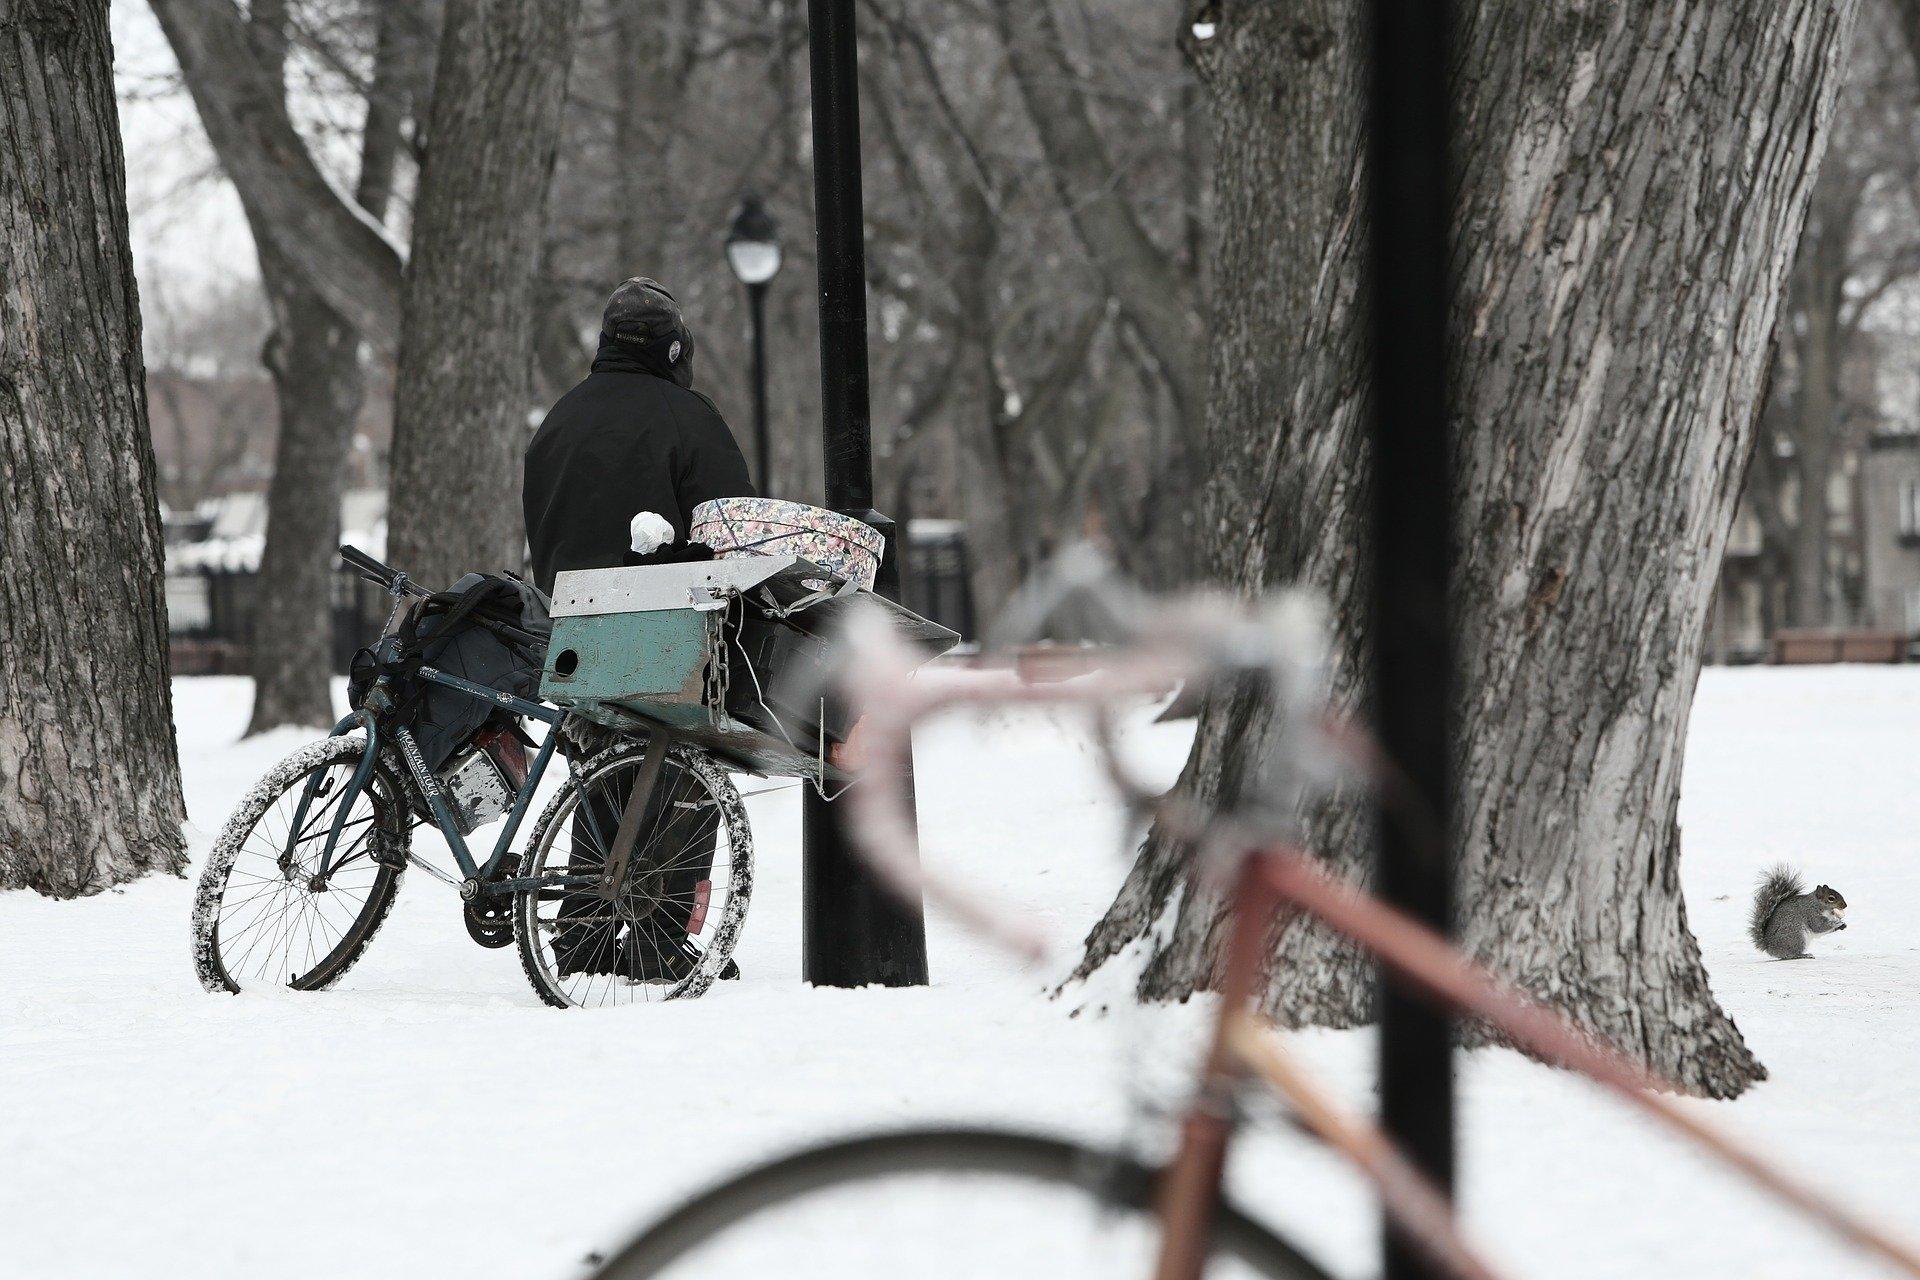 człowiek w oddali na śniegu, przy rowerze